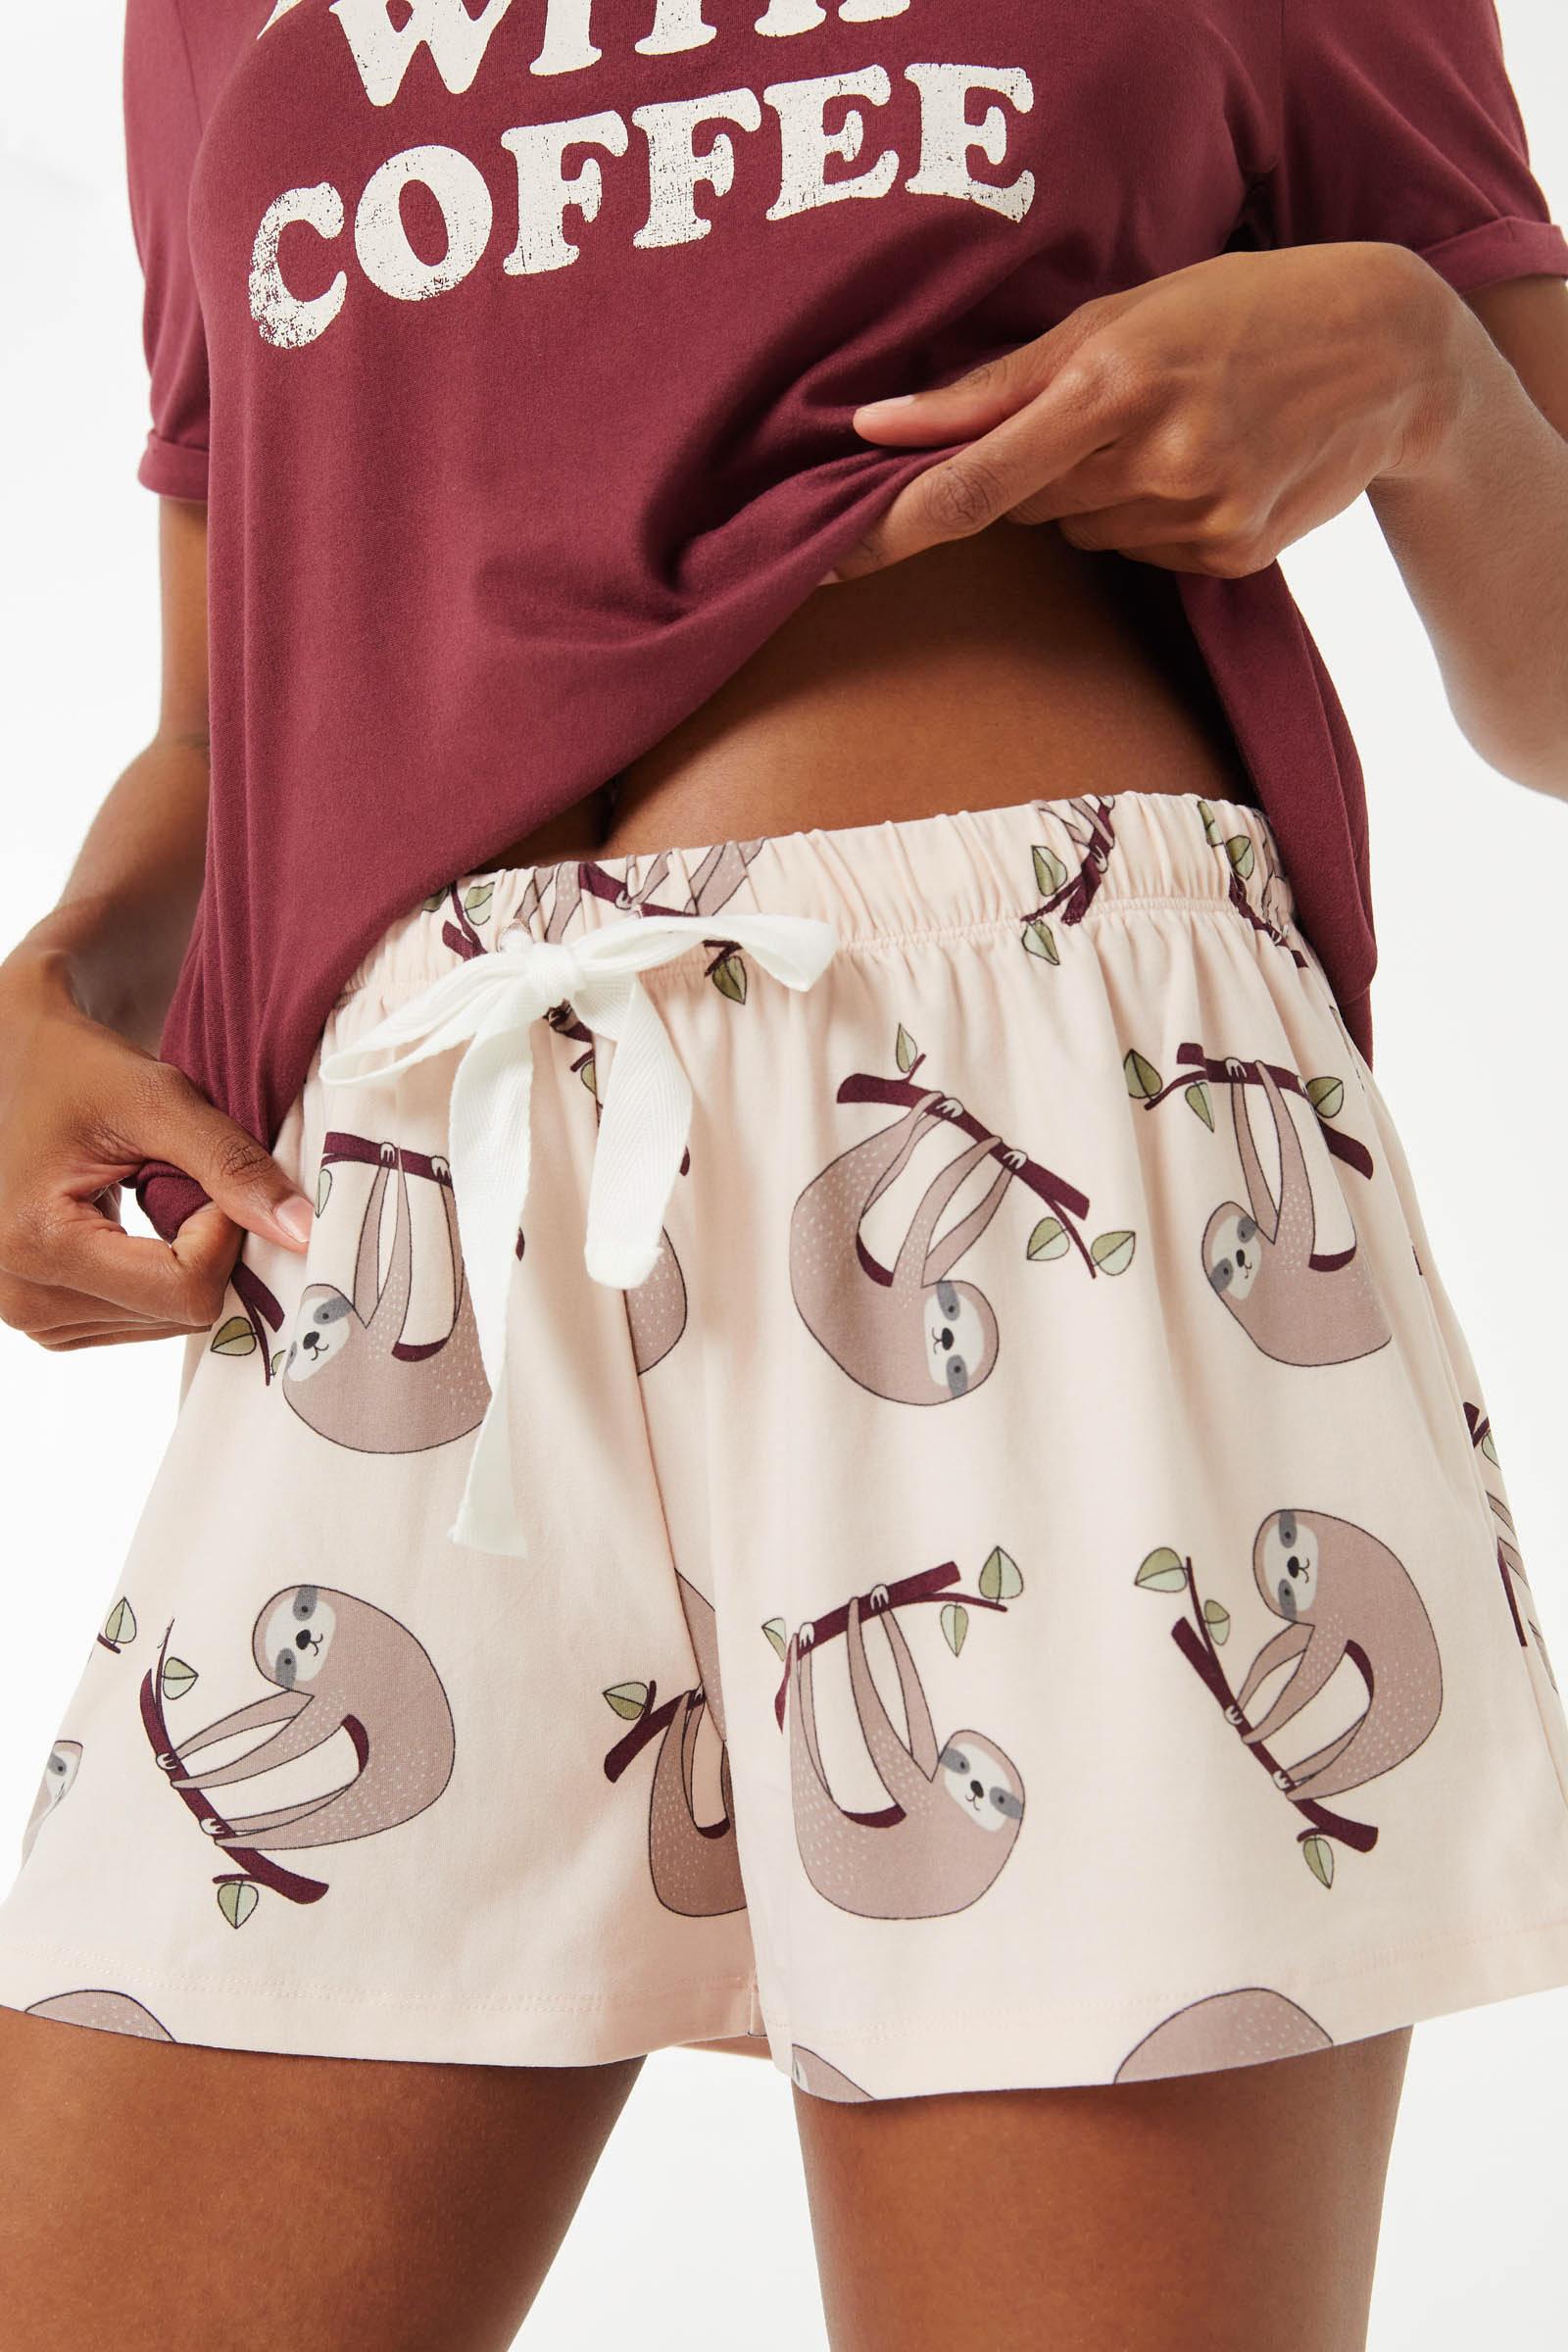 Sloth PJ Shorts